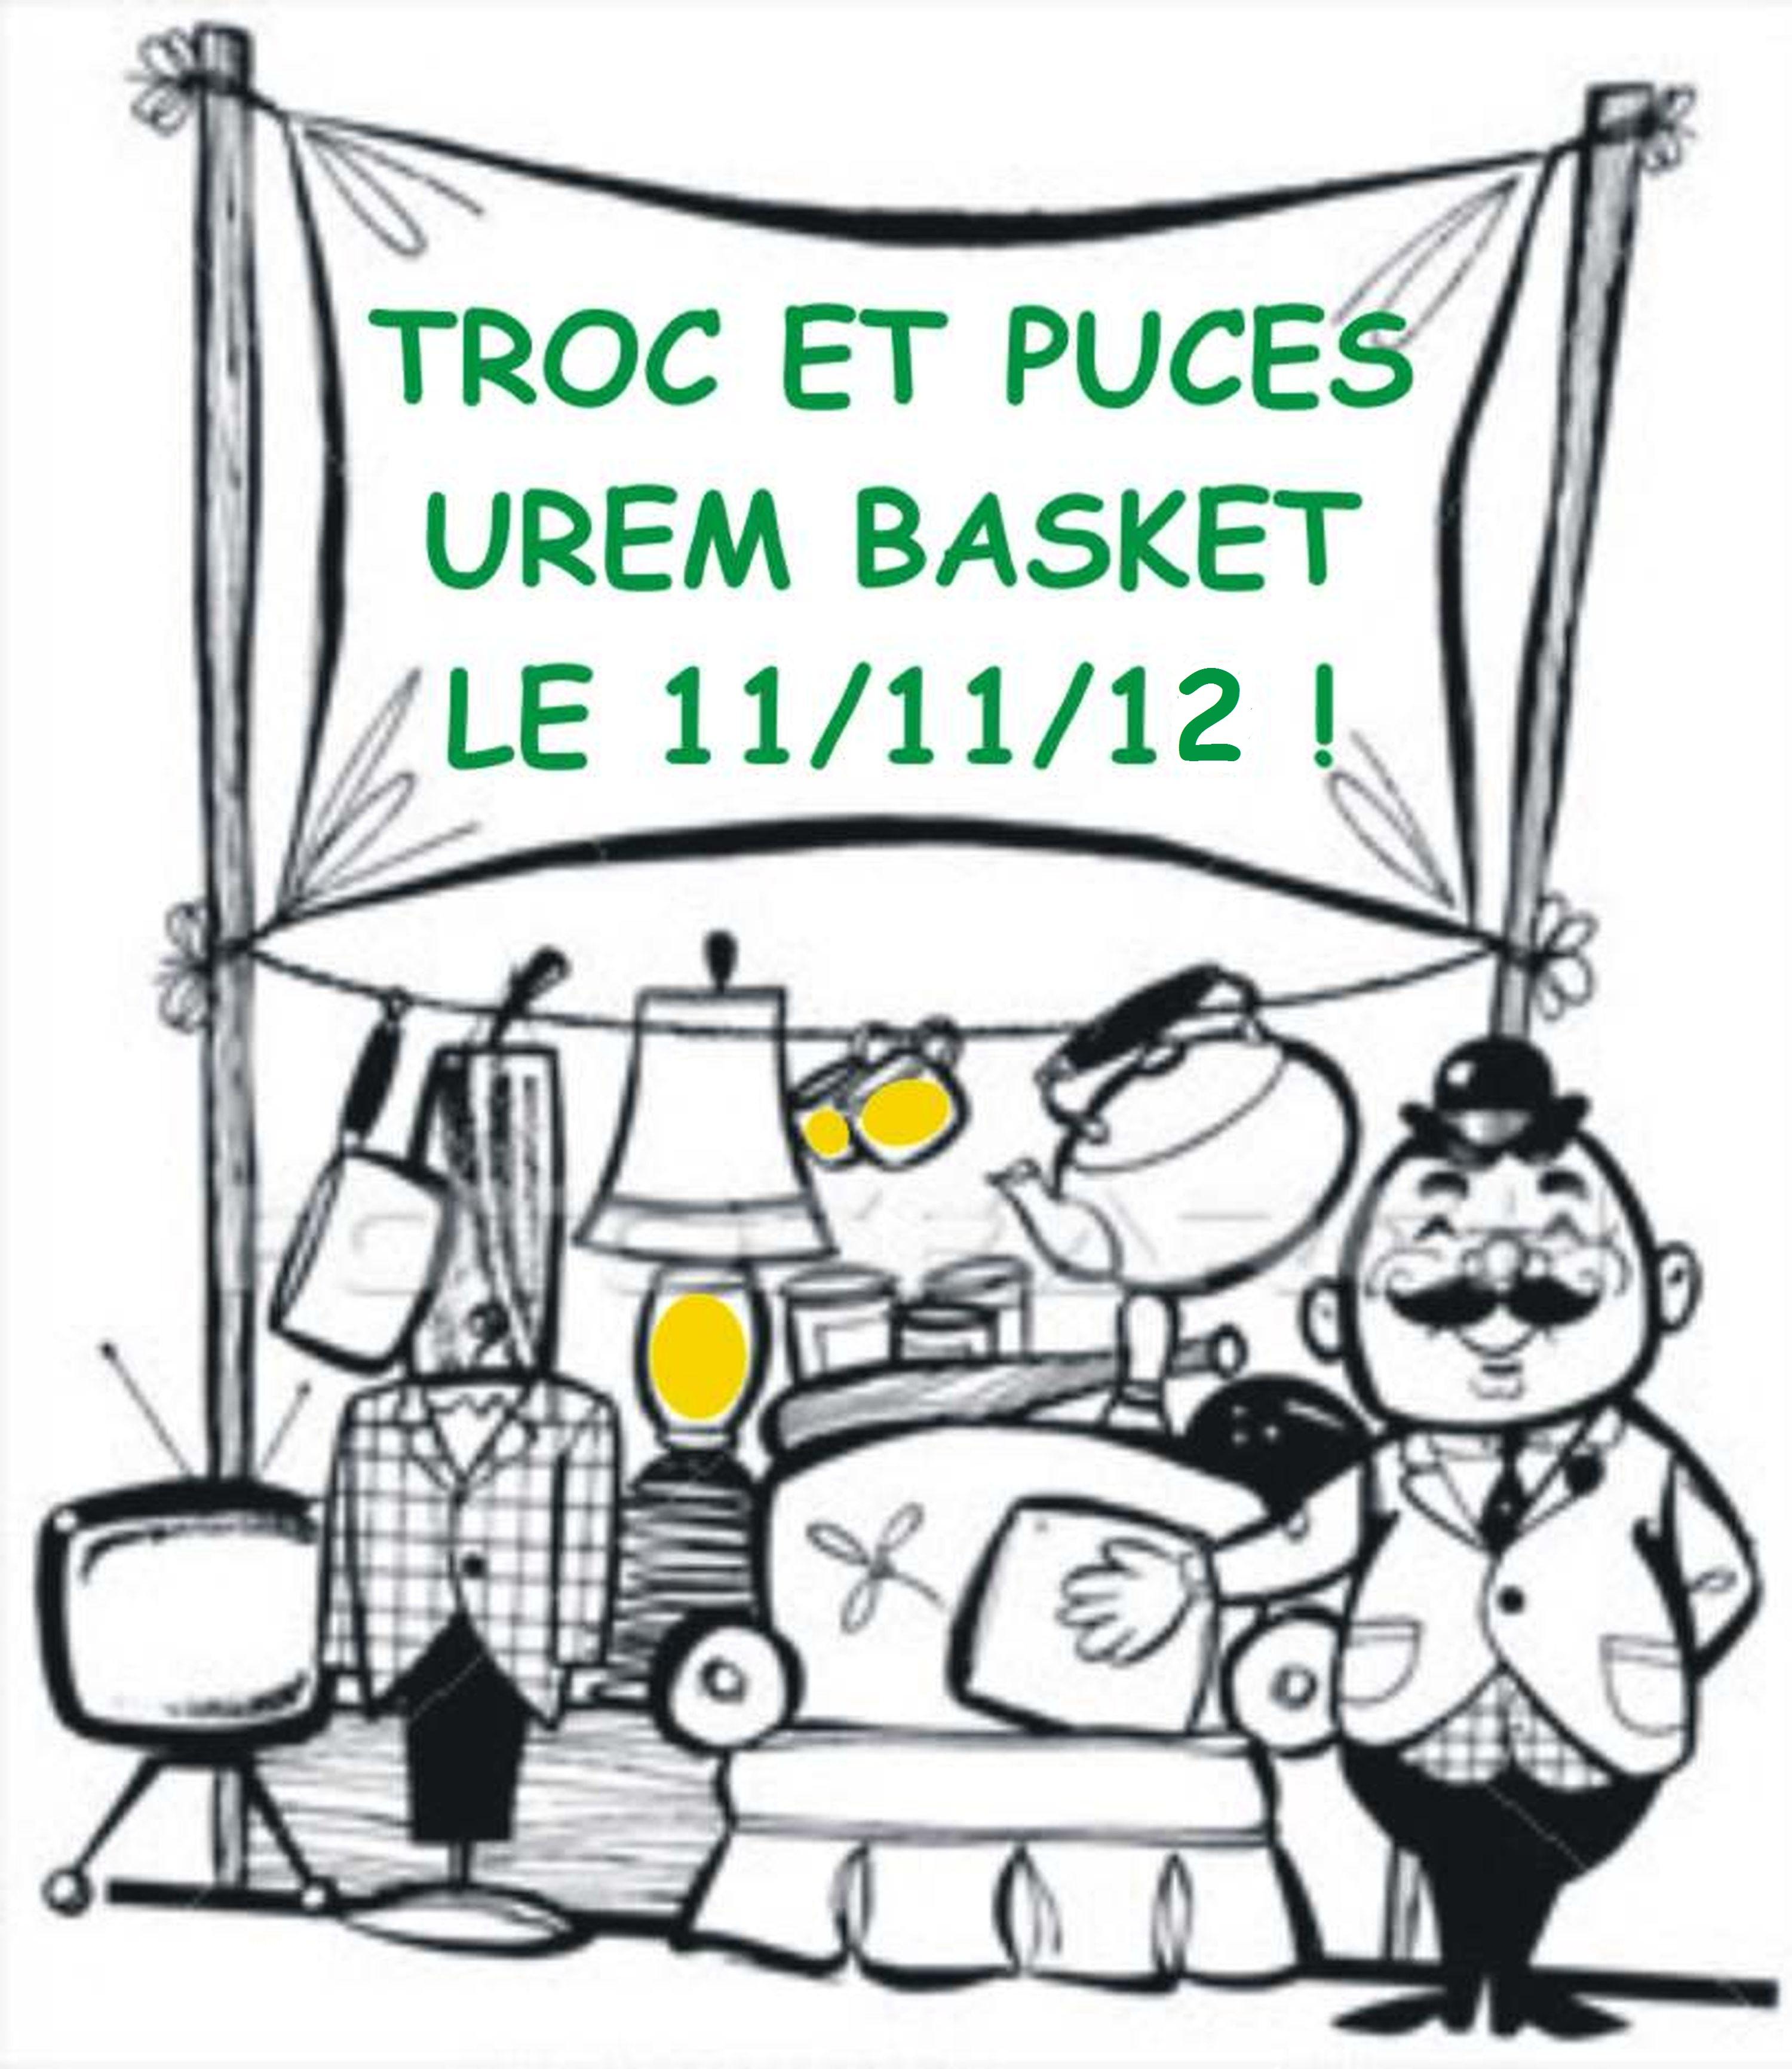 Troc et puces 11 novembre 2012